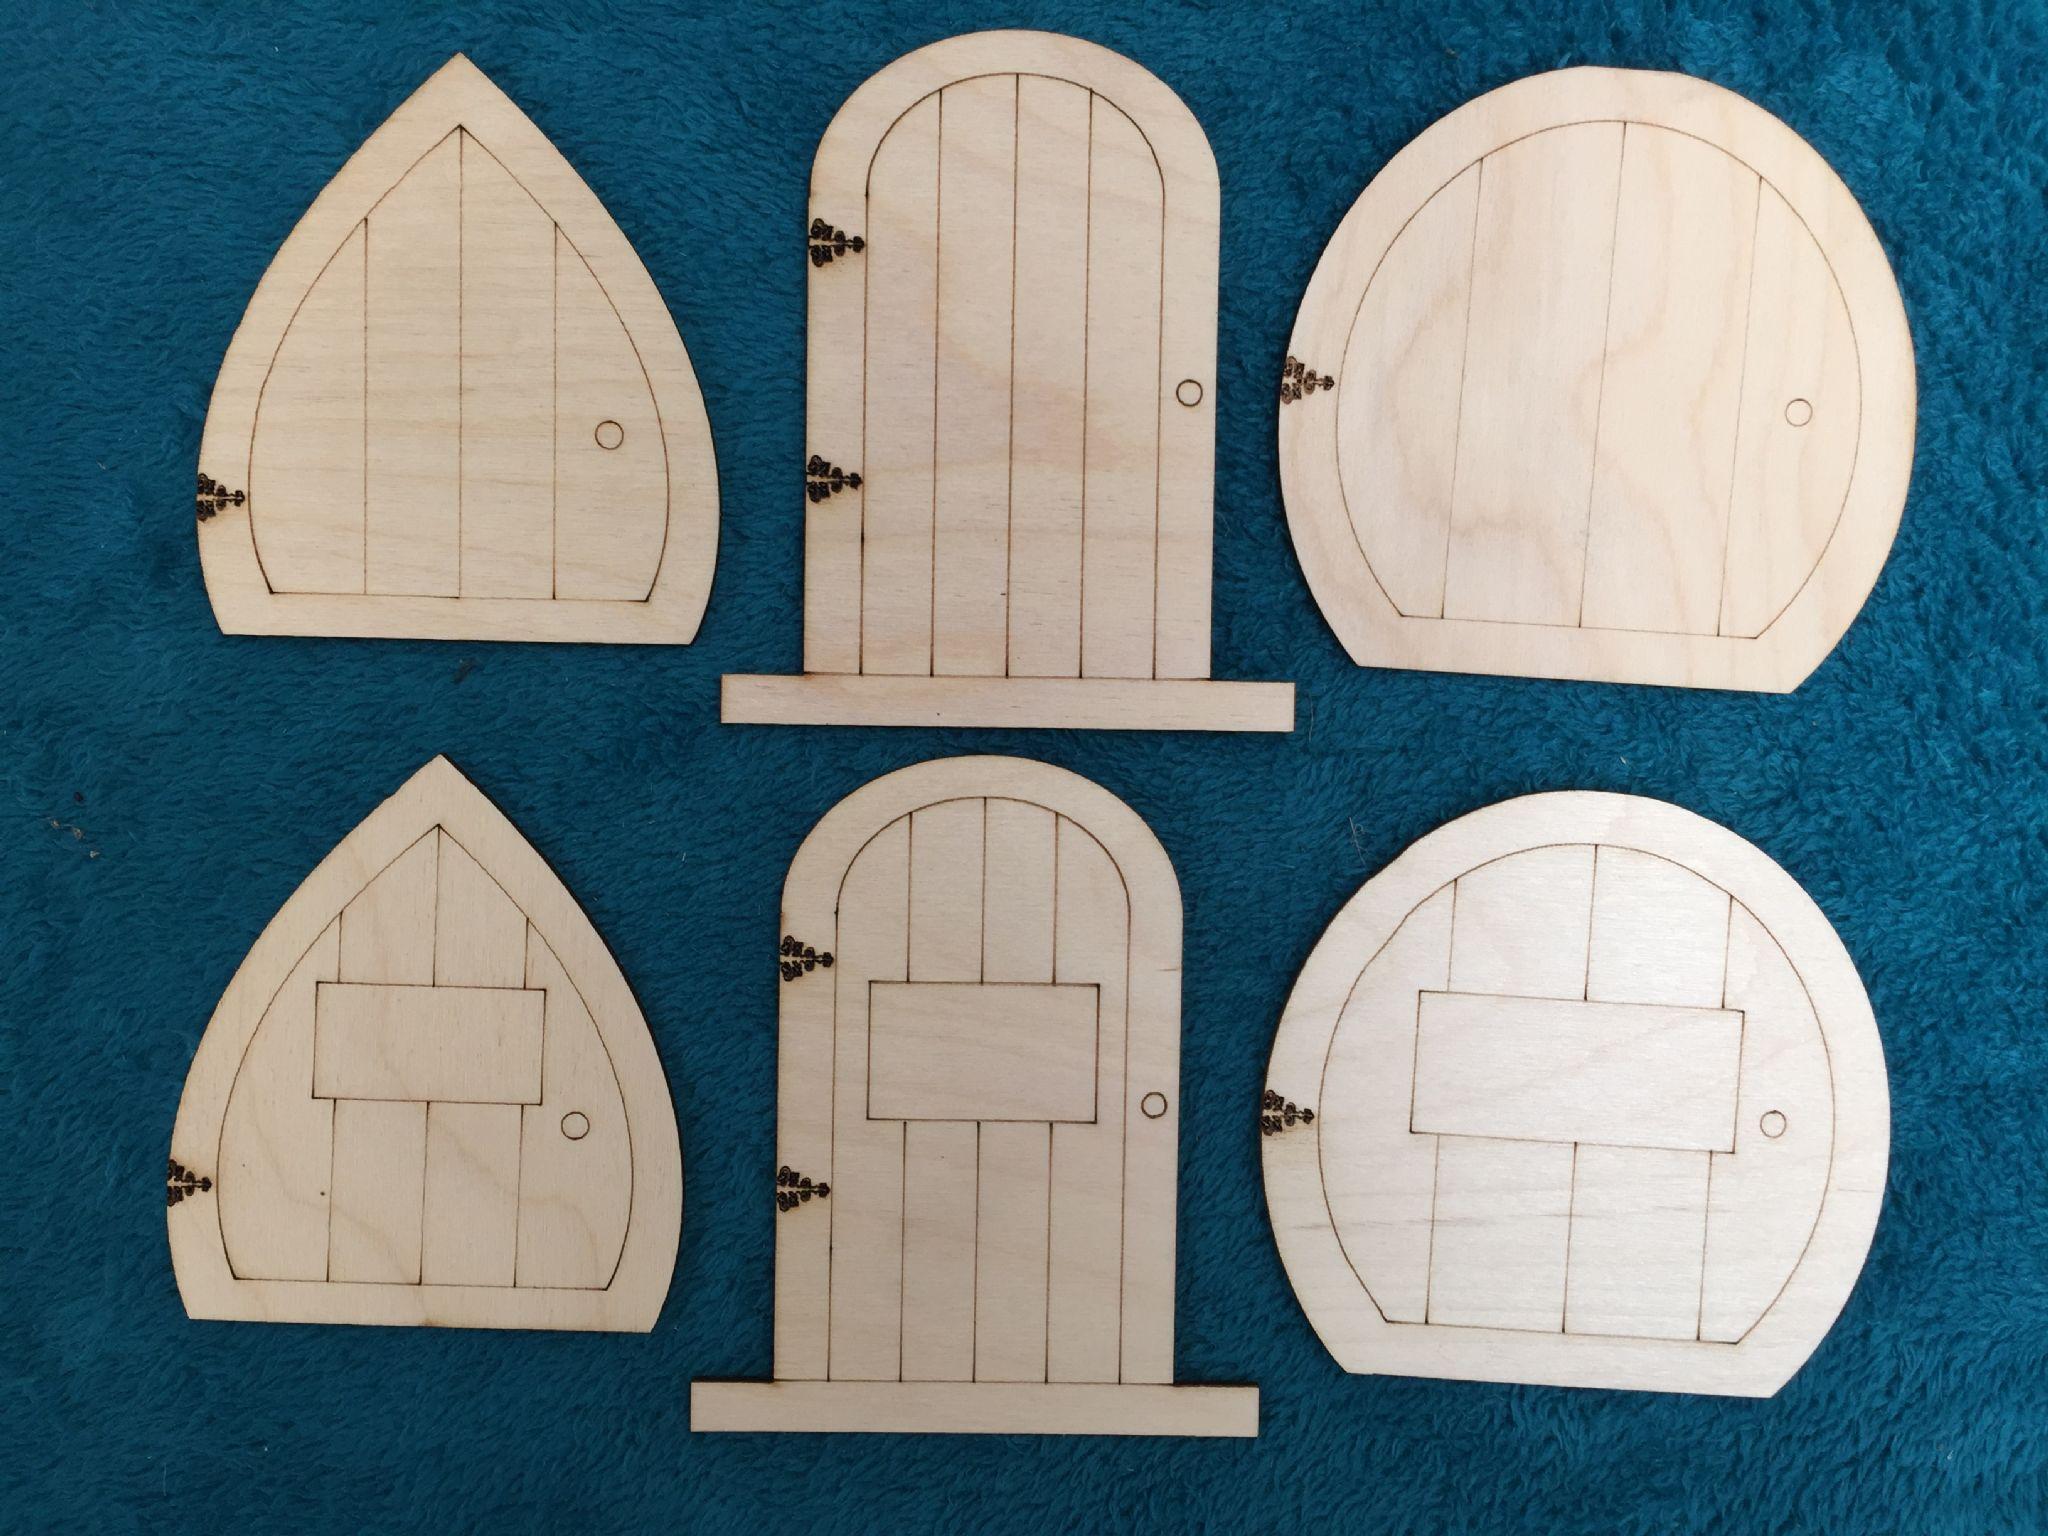 Laser Cut Wooden Fairy Elf Hobbit Doors 6 Kinds Assorted